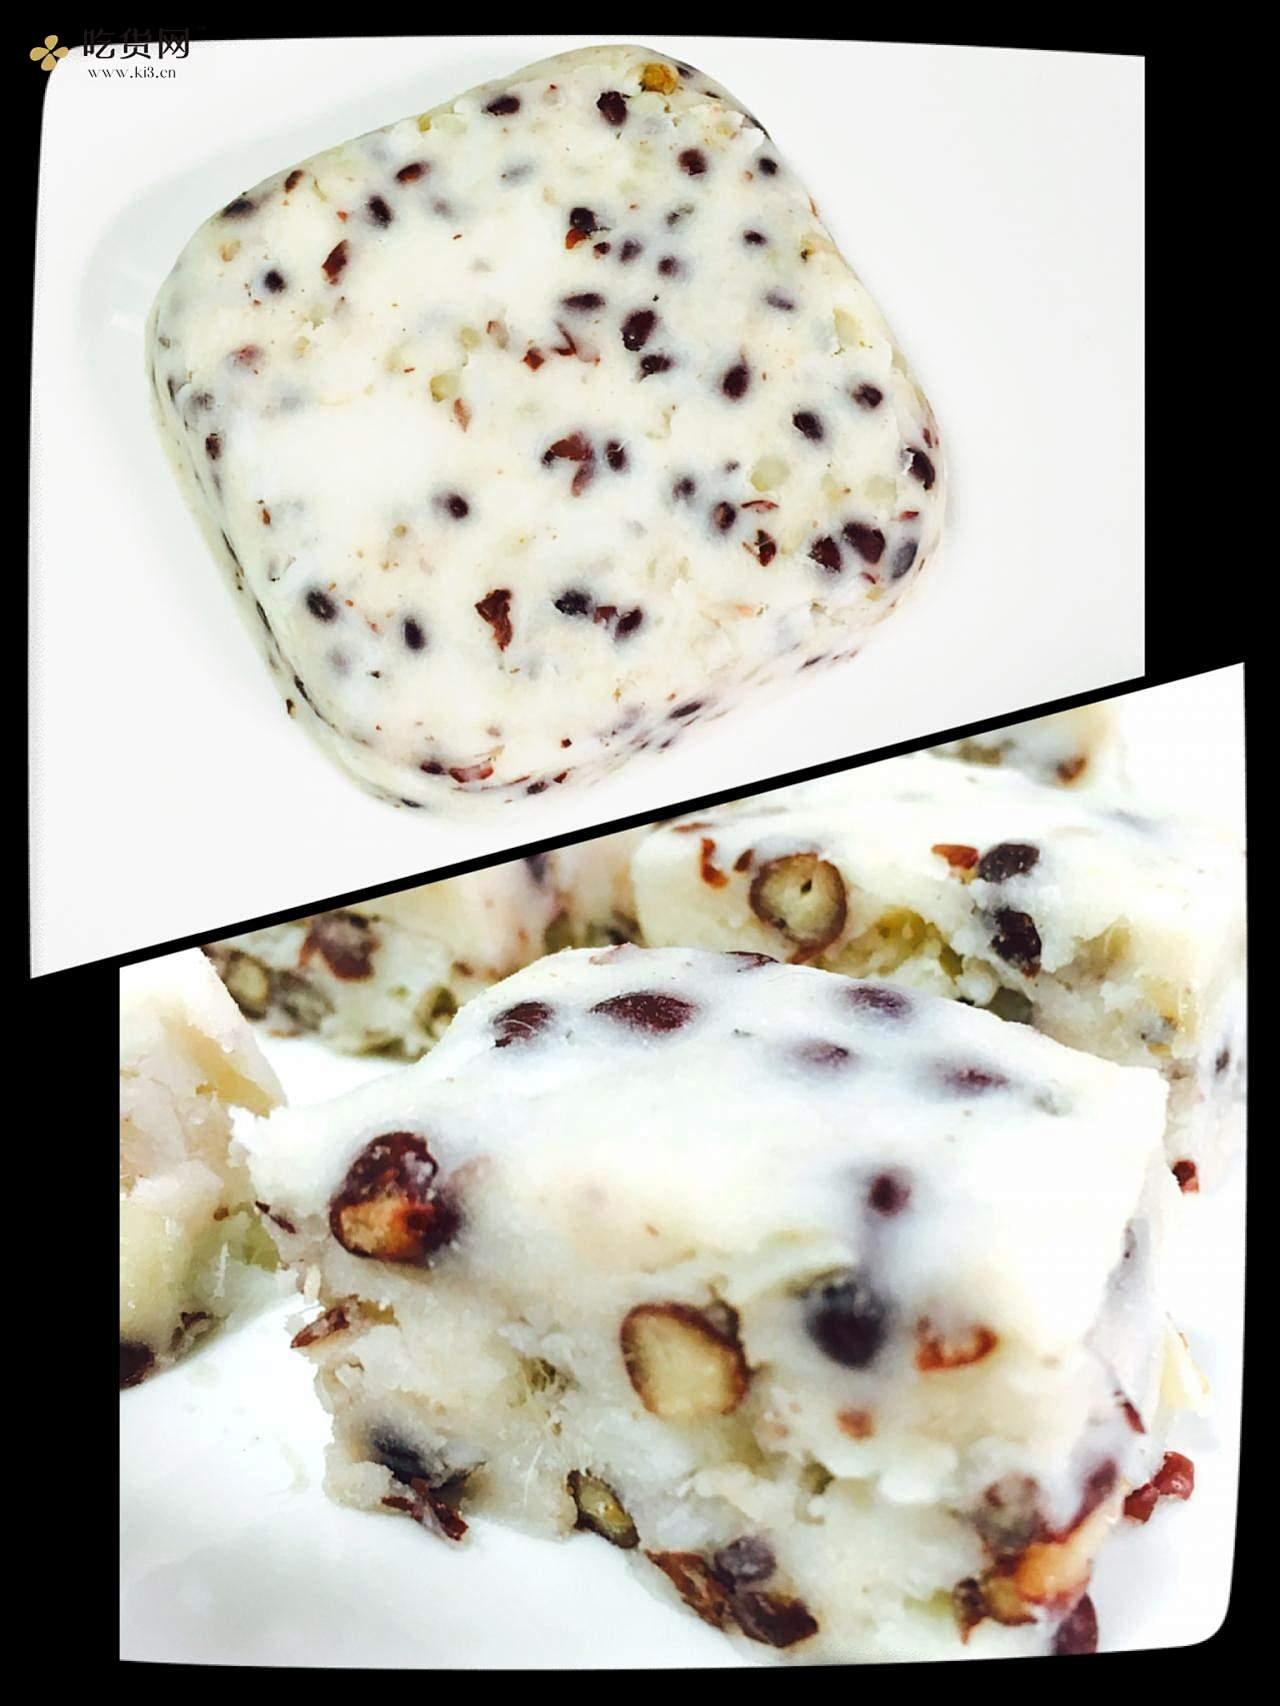 减肥餐-红豆薏仁山药糕的做法 步骤5